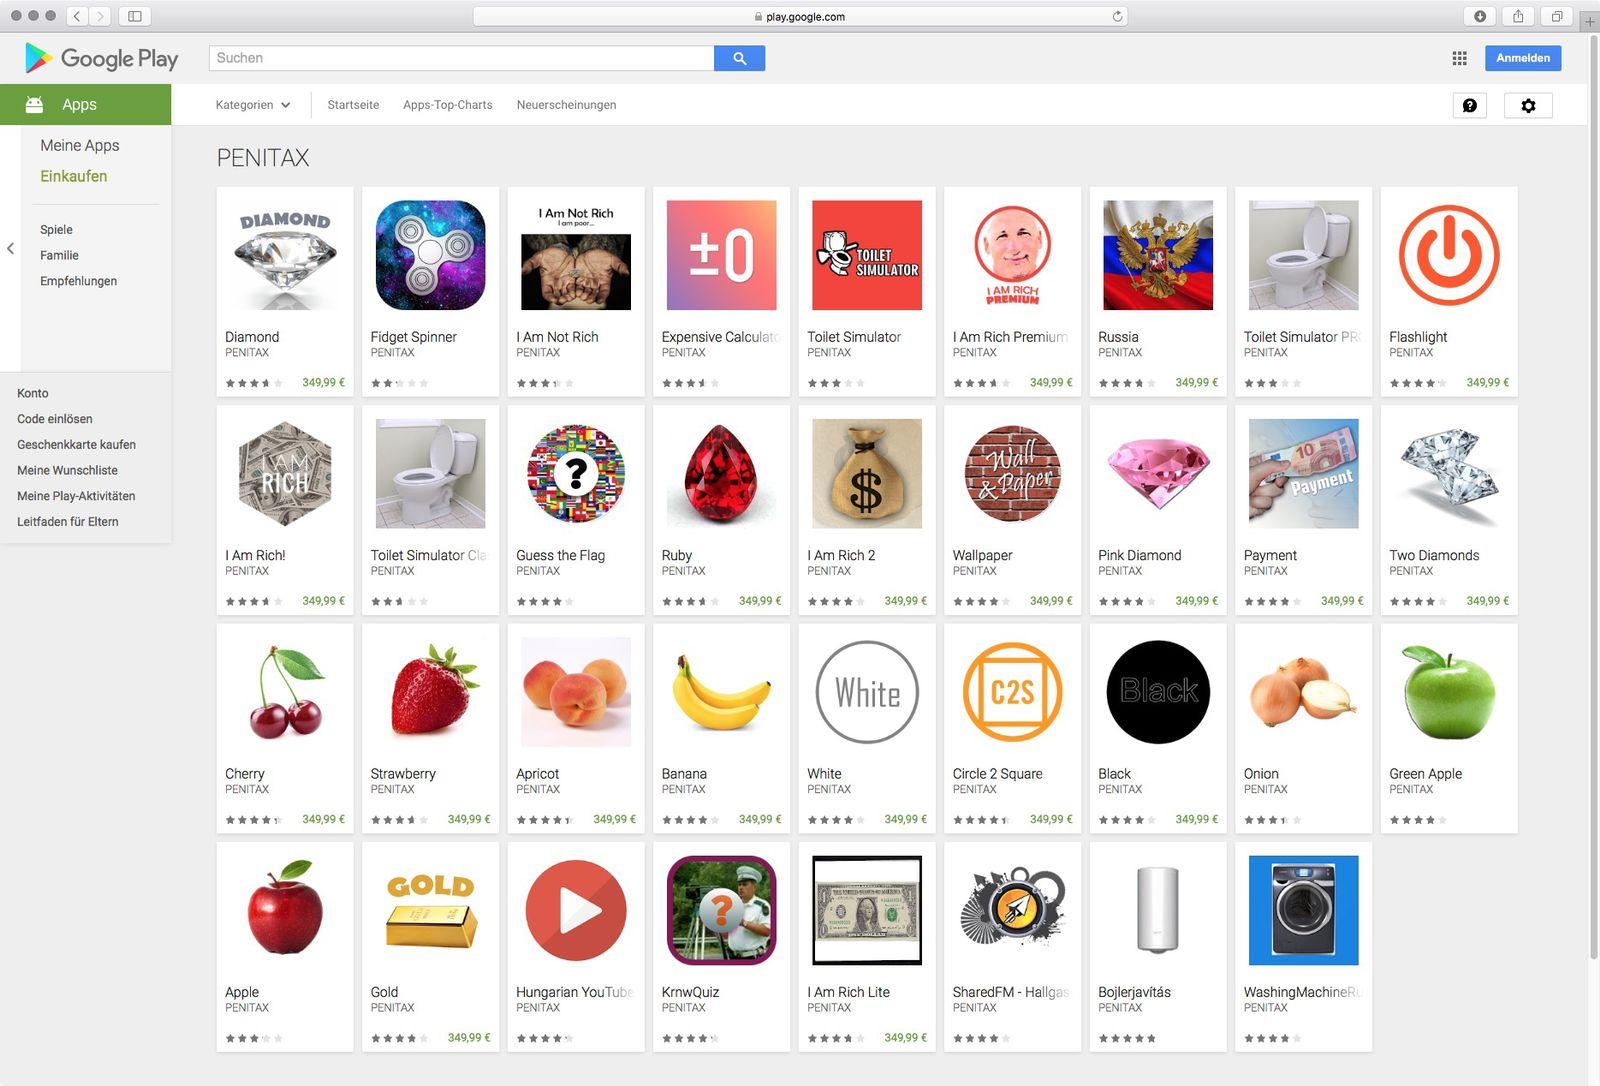 Scherz-Apps/ Google Play Store